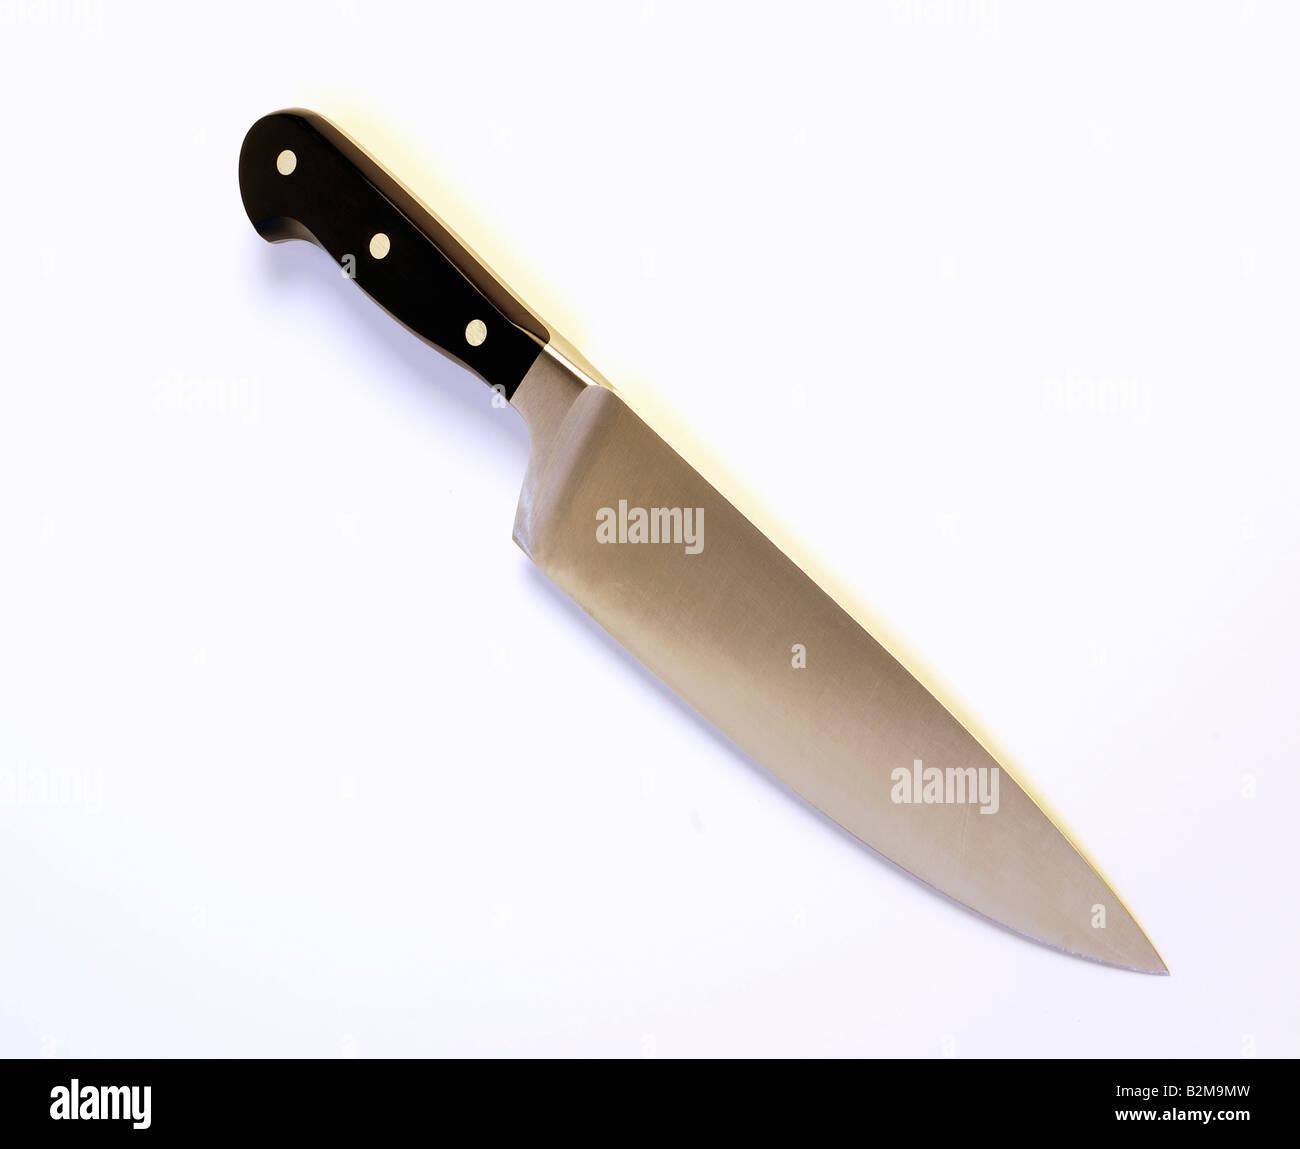 Kitchen Knife on white background - Stock Image